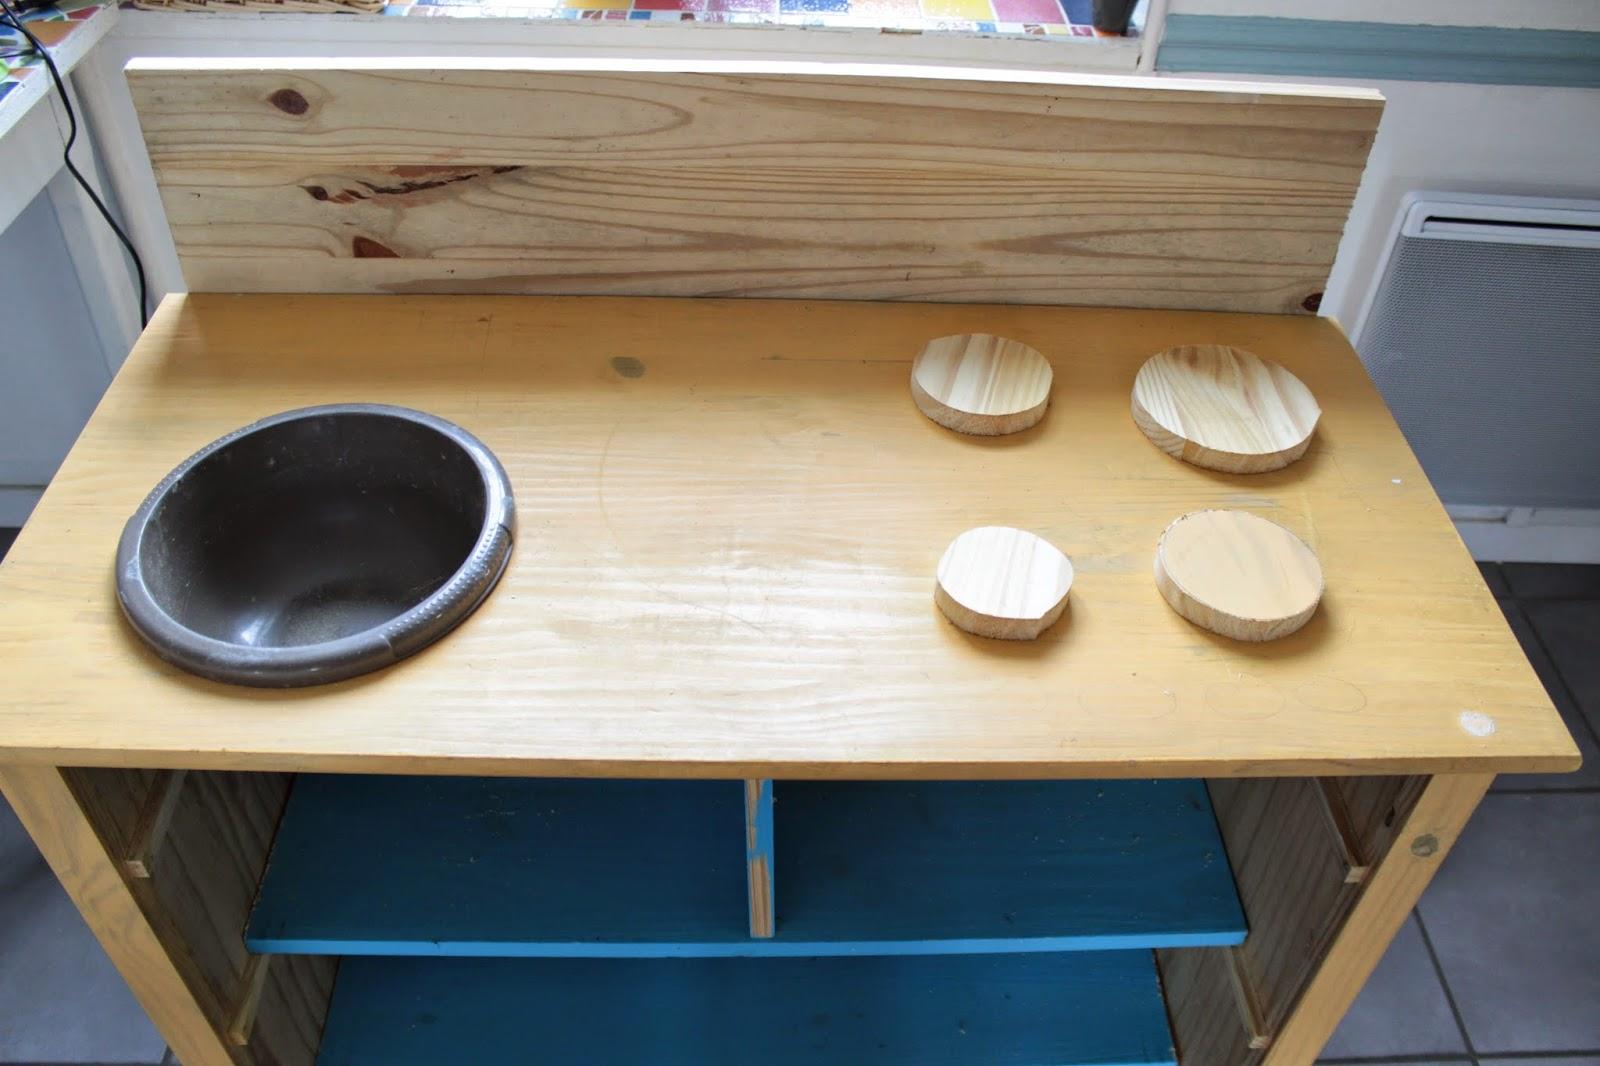 cuisine dinette jouets jouer enfants bricolage diy tuto